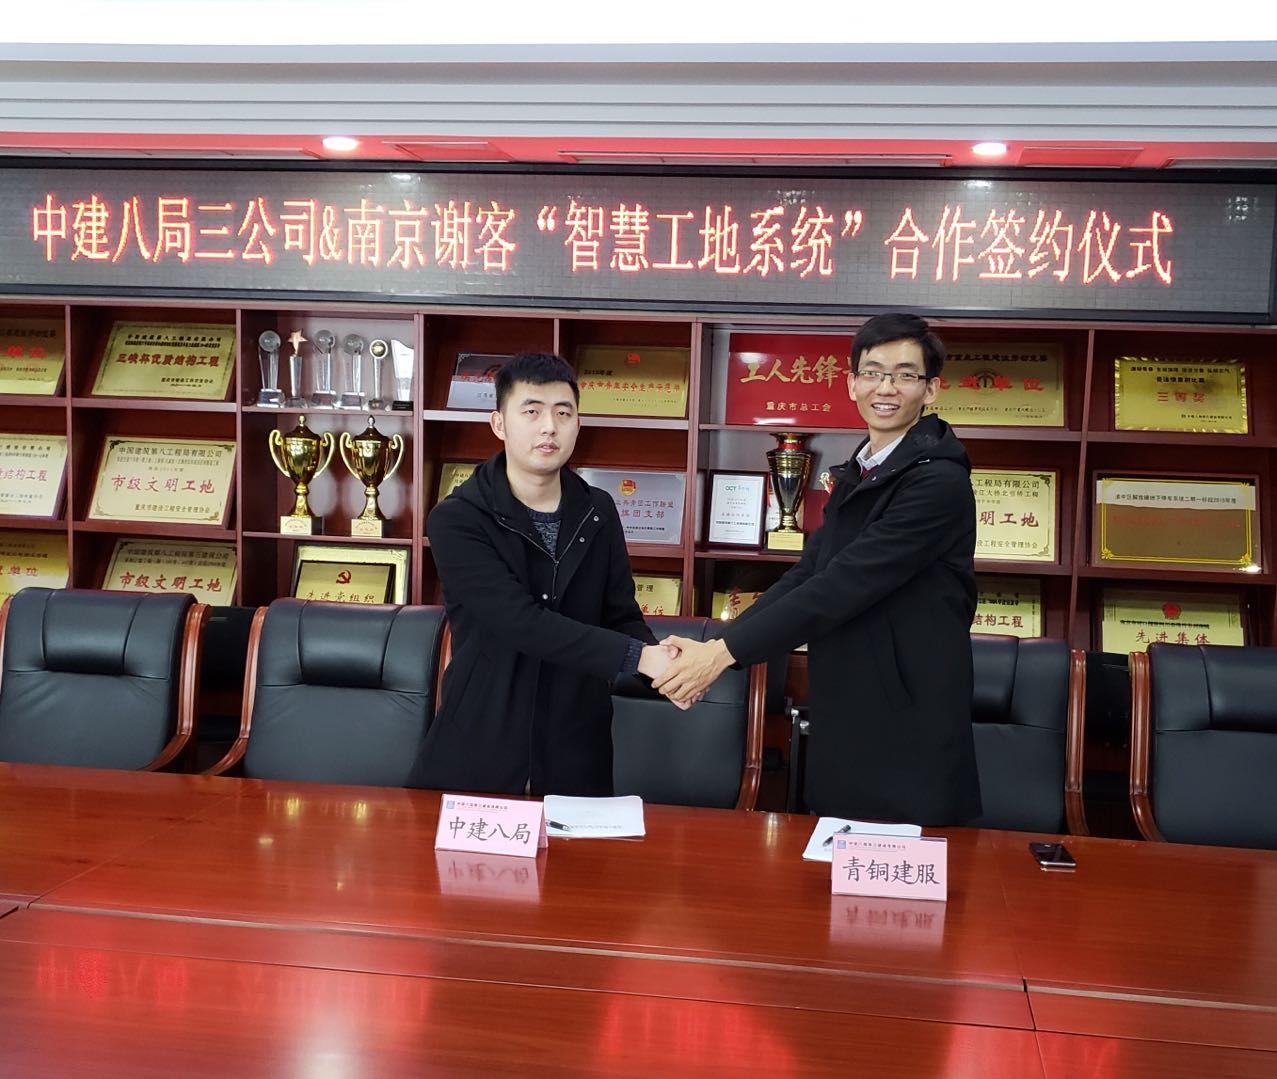 2018上海宝马展闭幕 青铜建服与10家企业成功签约